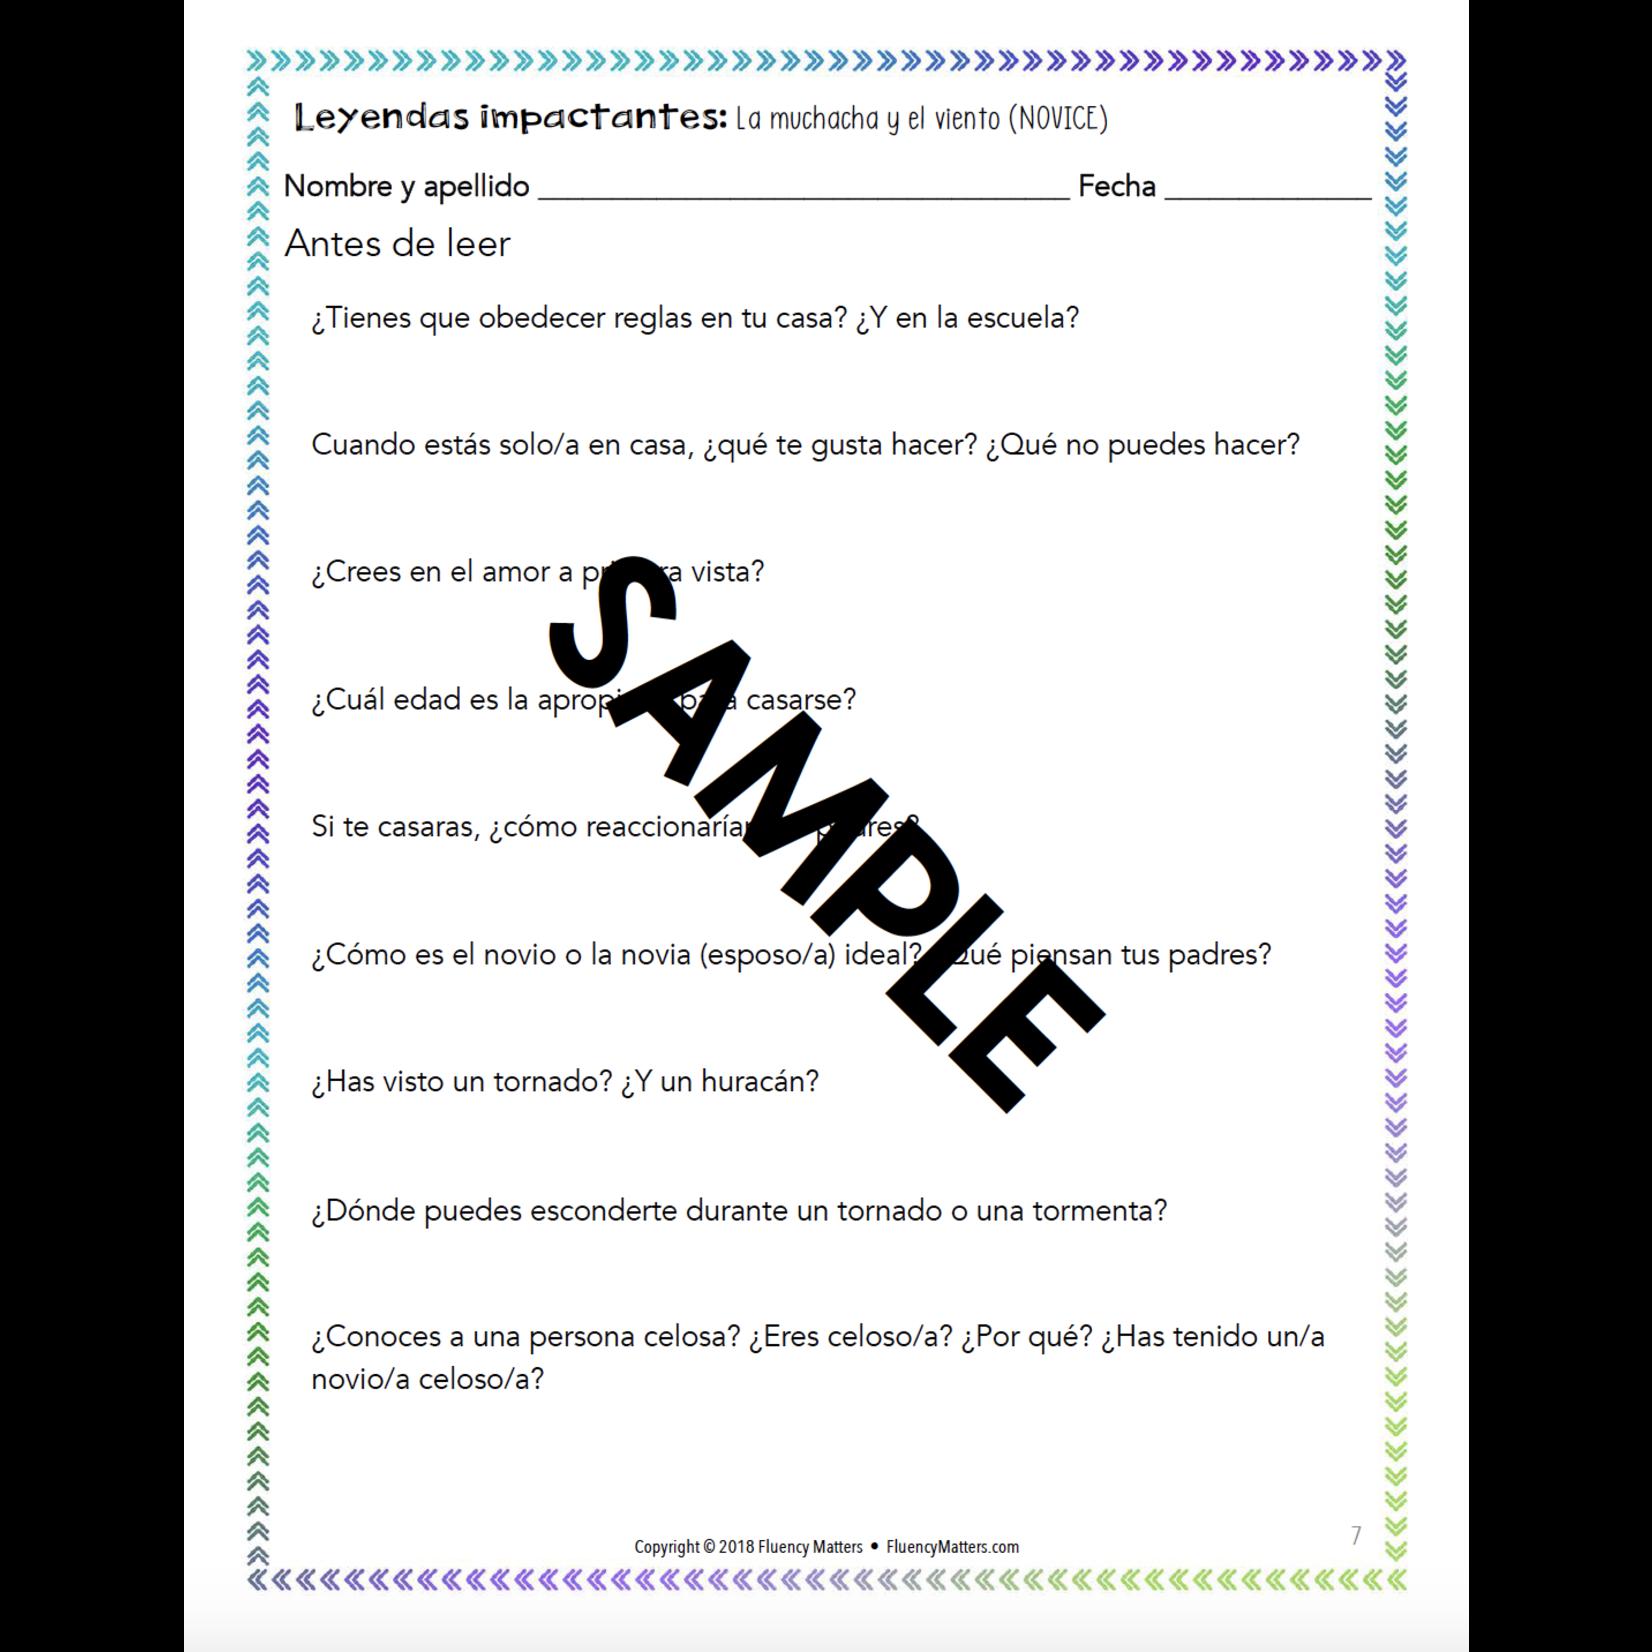 Fluency Matters Leyendas impactantes - Teacher's Guide